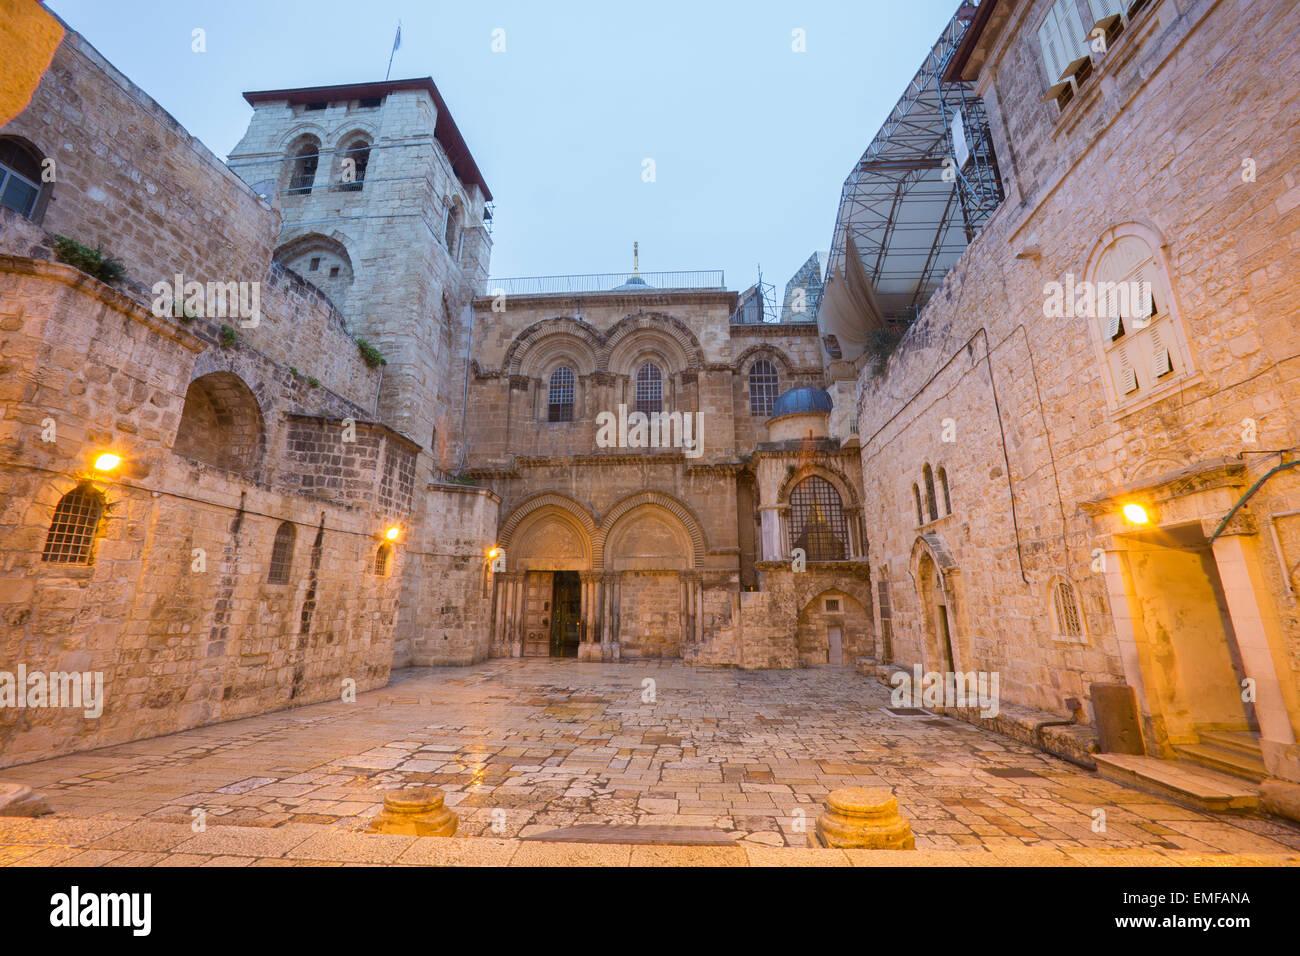 Gerusalemme - La Chiesa del Santo Sepolcro al crepuscolo Immagini Stock